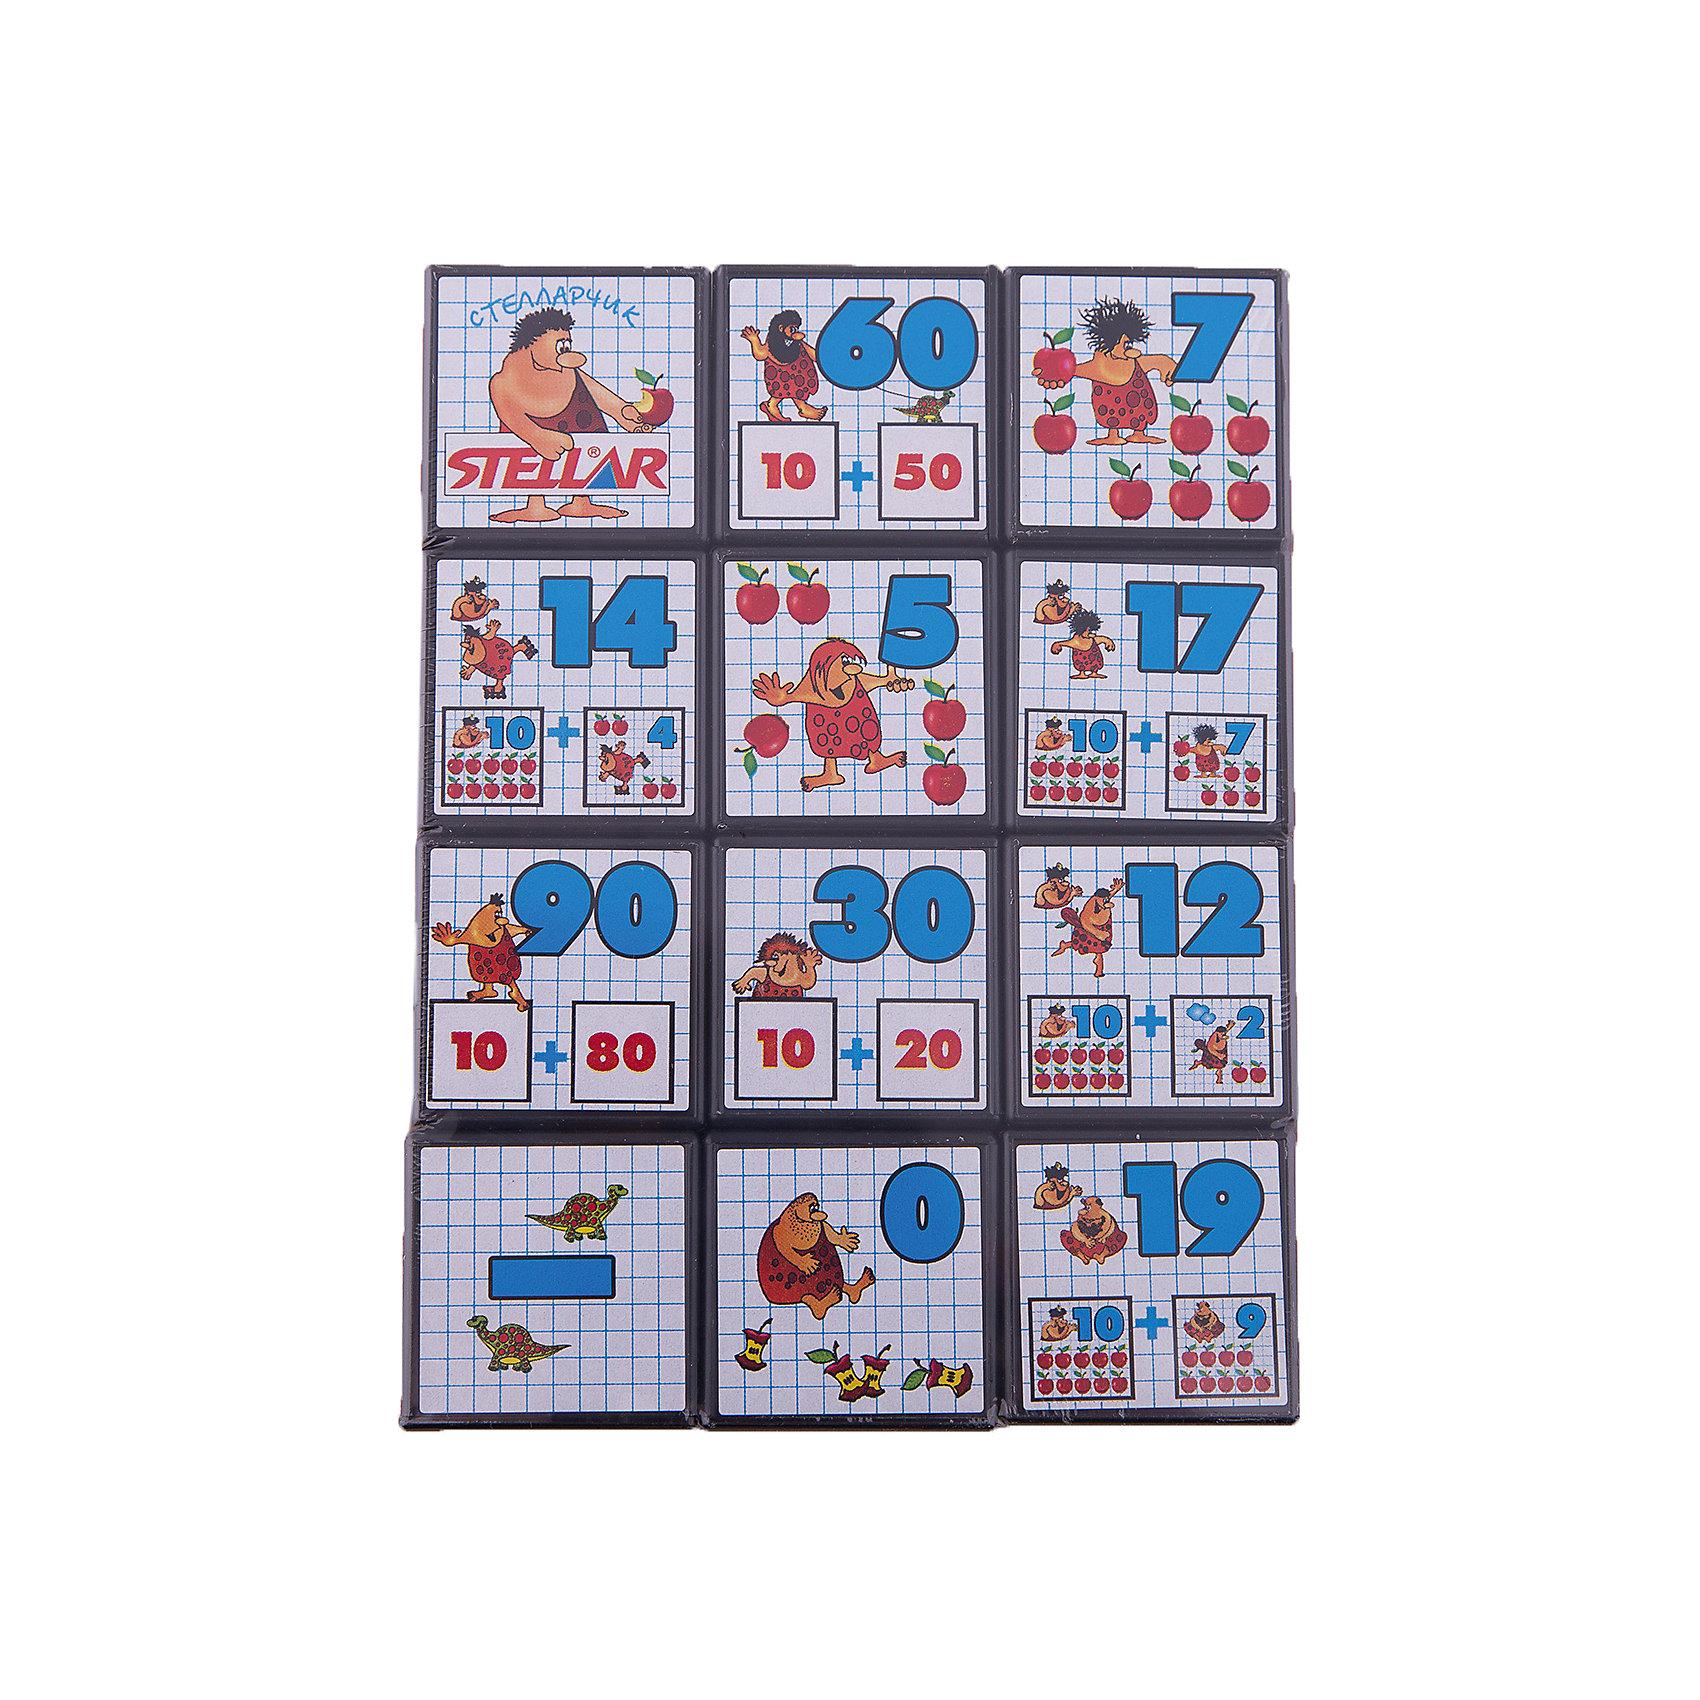 Кубики Математика с рисунками, СтелларРазвивающие игры<br>Кубики Математика с рисунками от Стеллар (Stellar) научат ребенка считать до 100. На каждой стороне кубика изображена цифра и  предметы, количество которых соответствует этой цифре (например, цифра 5 и пять штук яблок).<br><br>Игра с такими кубиками — это замечательная тренировка внимания и памяти.<br><br>Порадуйте малыша интересным подарком!<br><br>Дополнительная информация:<br><br>- В комплекте:12 кубиков<br>- Материал: пластмасса, бумага<br>- Размер кубика: 40 х 40 х 40 мм<br>- Размер упаковки: 160 х 120 х 40 мм<br>- Вес: 200 г.<br><br>Кубики Математика с рисунками от Стеллар (Stellar) можно купить в нашем интернет-магазине.<br><br>Ширина мм: 160<br>Глубина мм: 120<br>Высота мм: 40<br>Вес г: 206<br>Возраст от месяцев: 36<br>Возраст до месяцев: 60<br>Пол: Унисекс<br>Возраст: Детский<br>SKU: 2407061